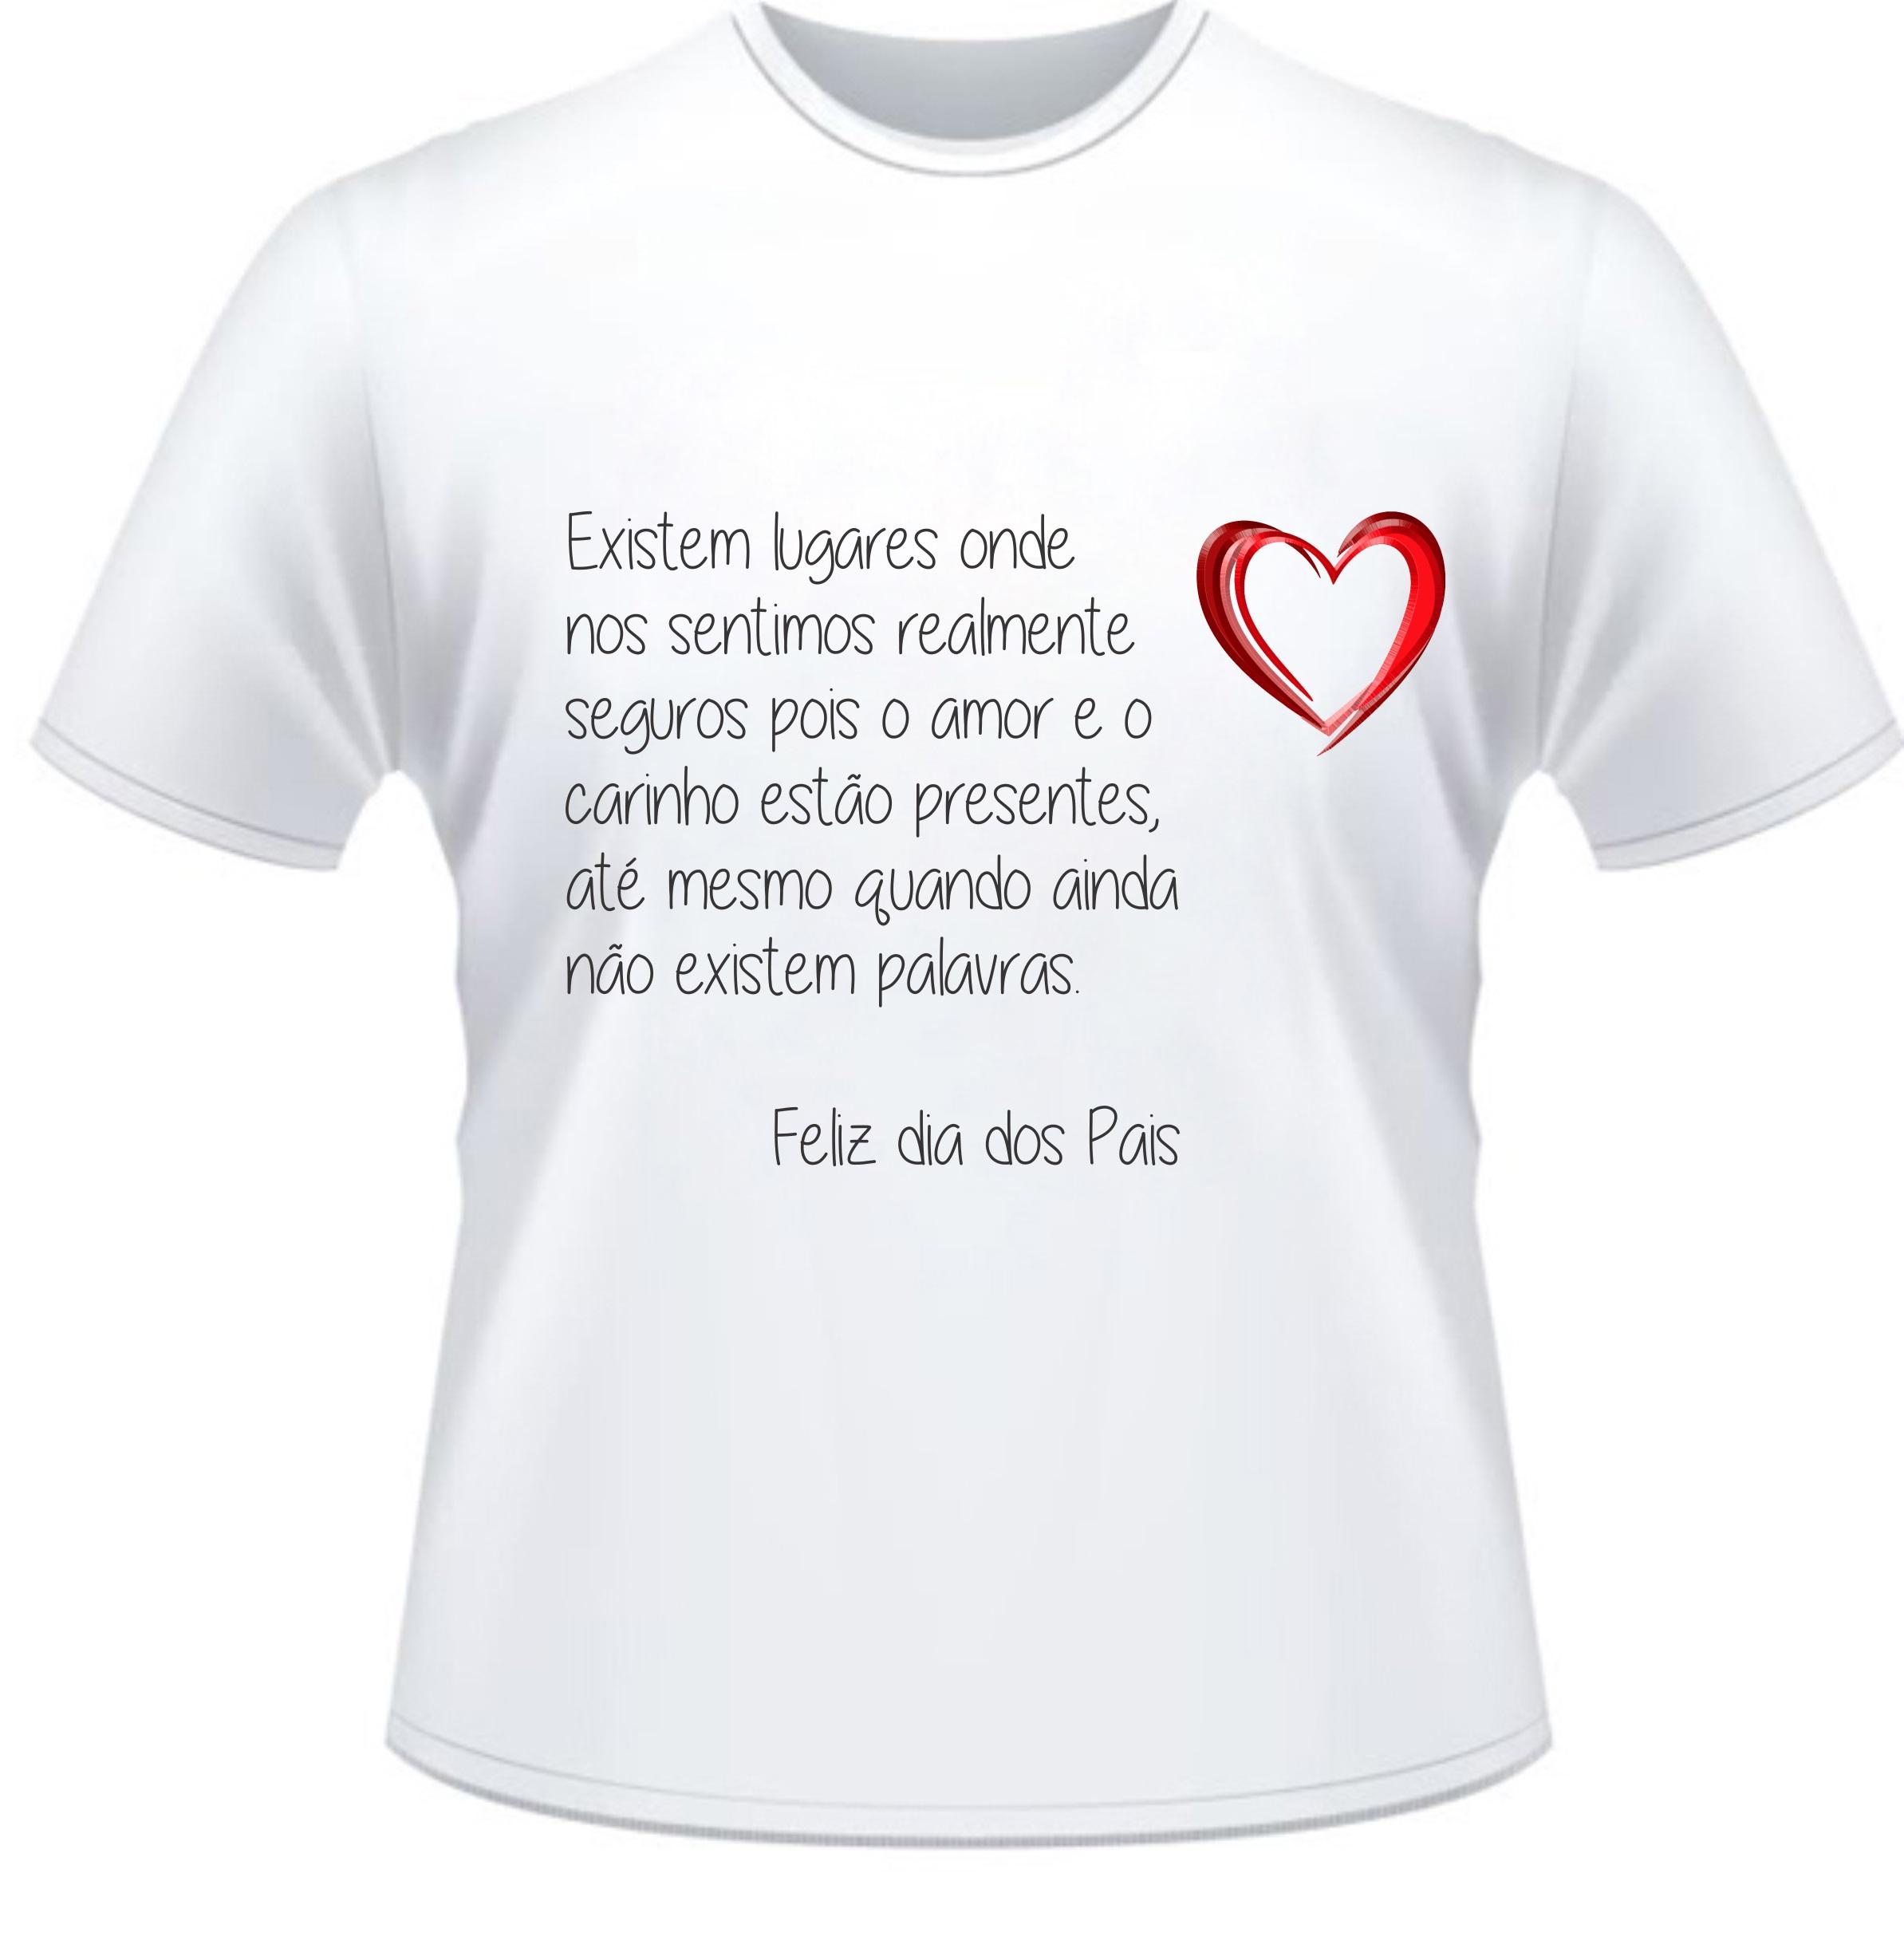 Camiseta Mensagem Ao Papai No Elo7 Nova Ideia Personalização 577ef1